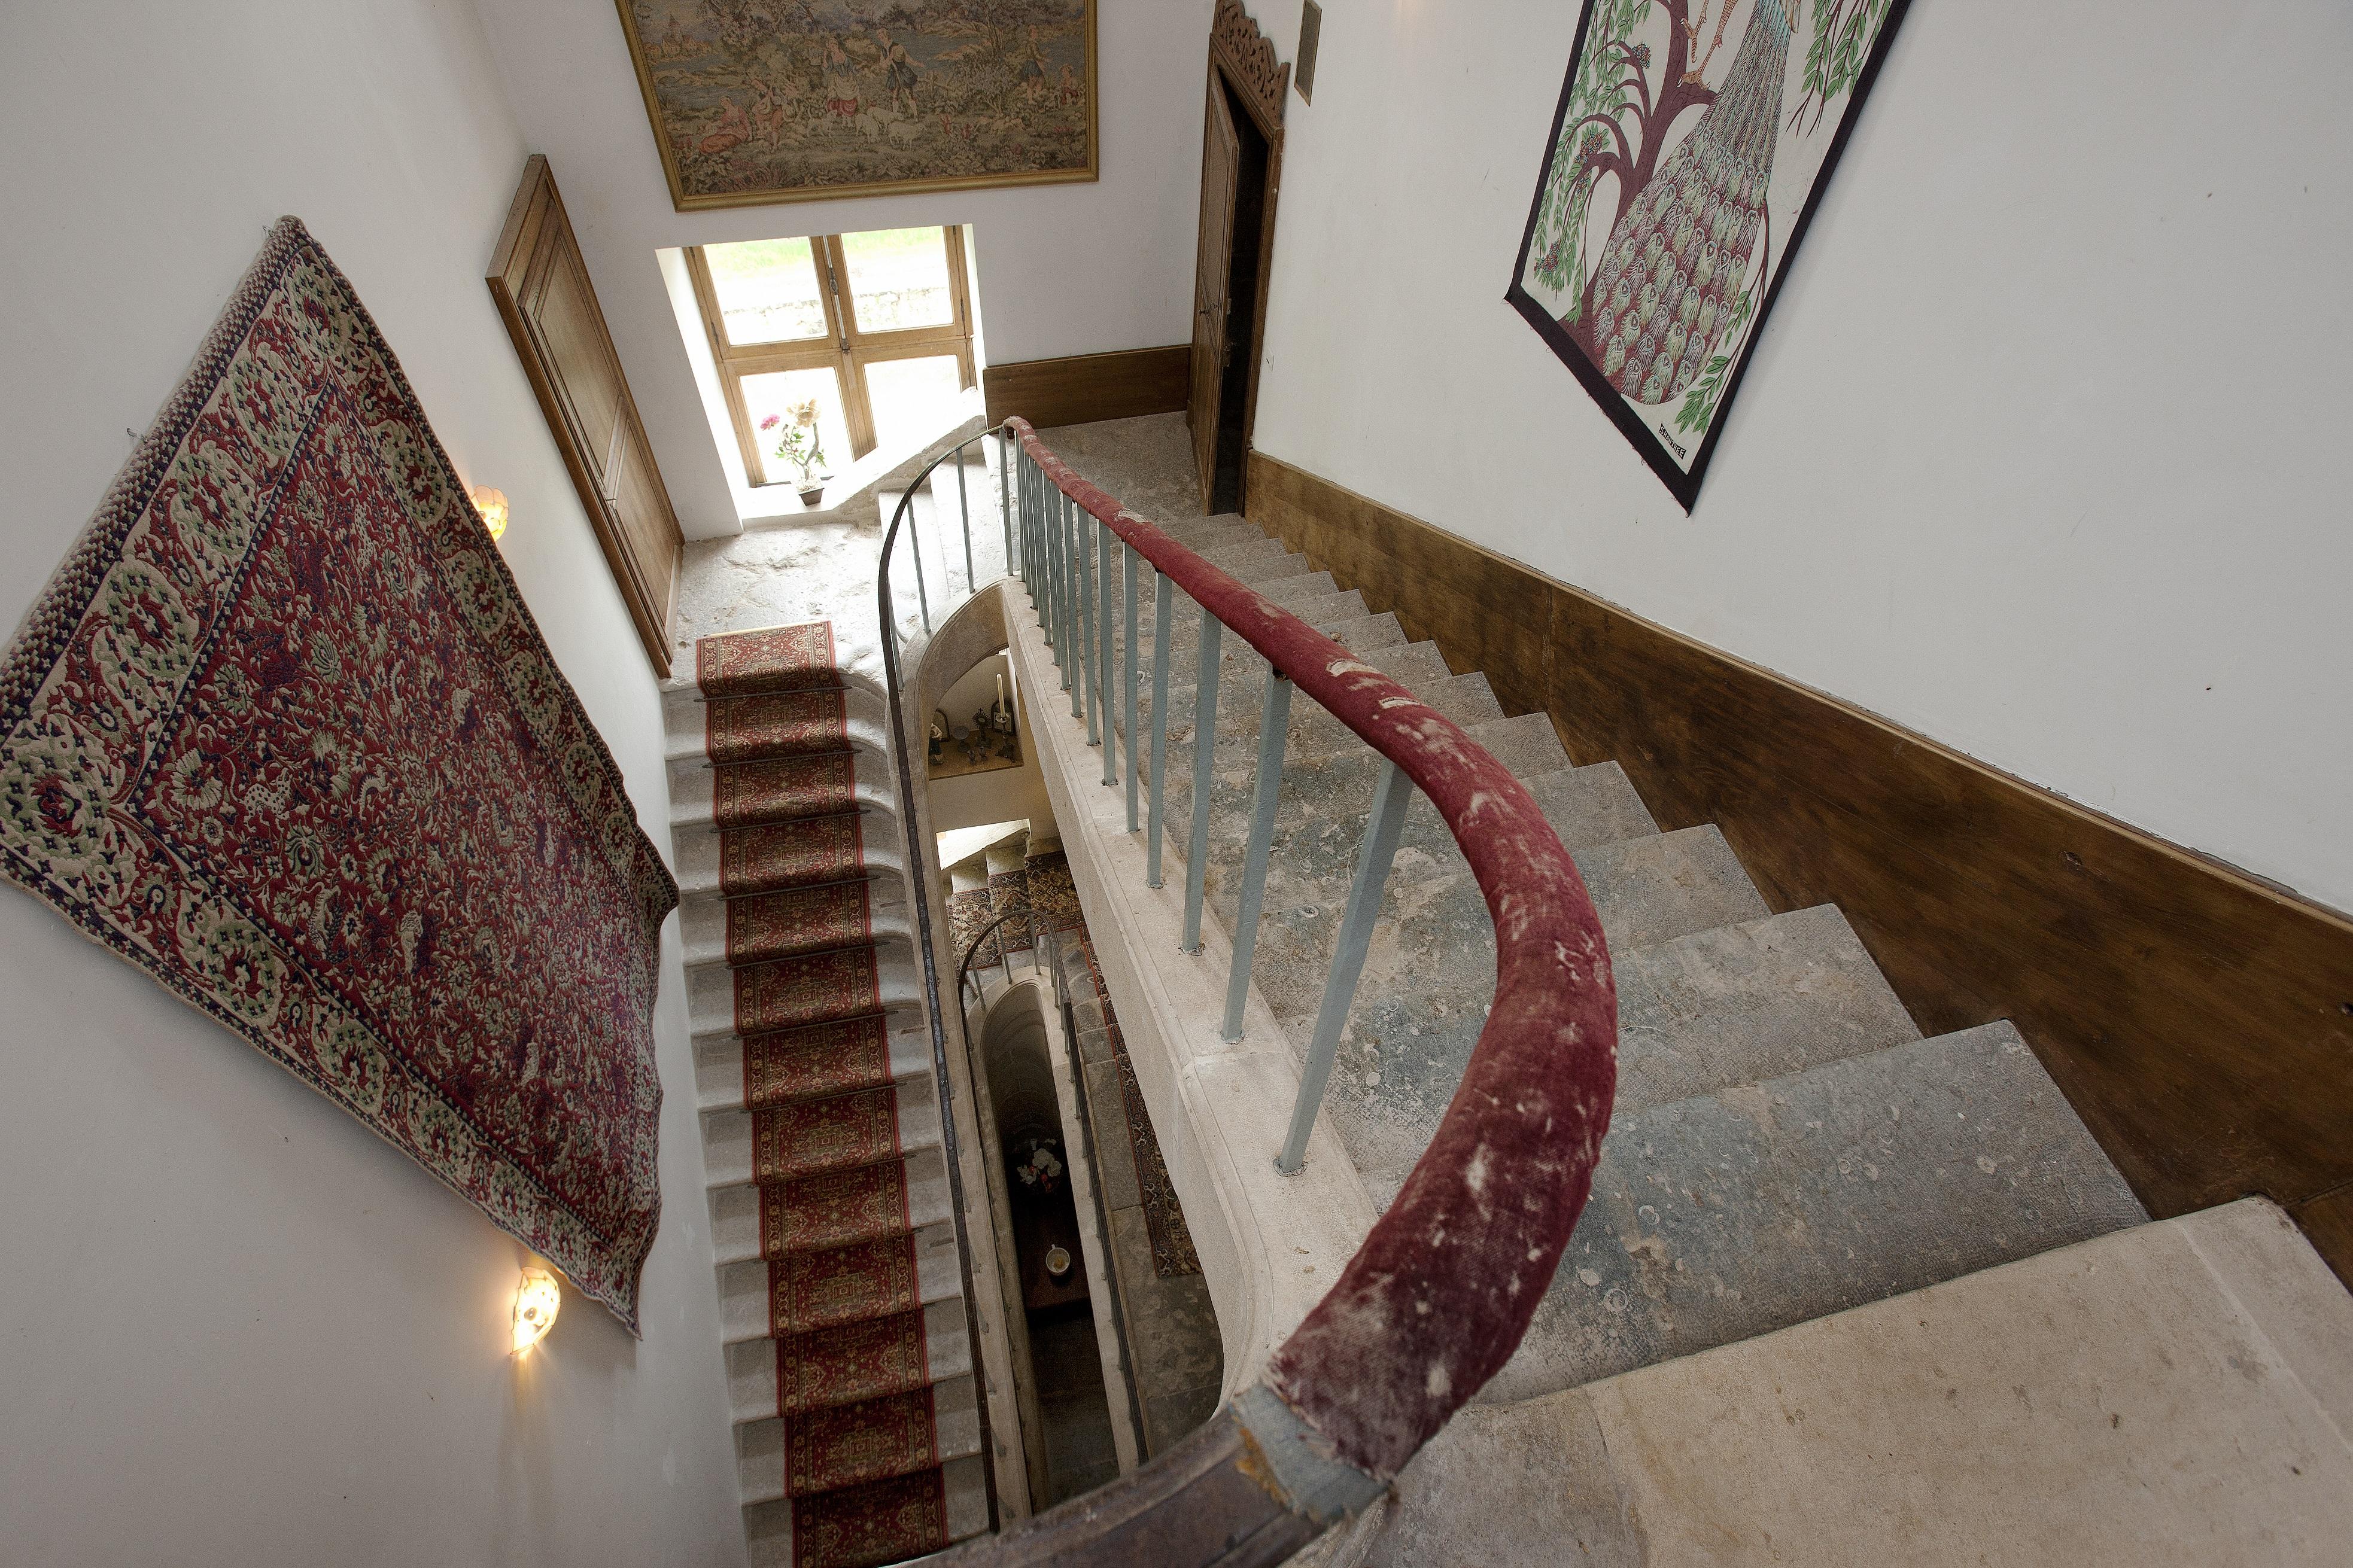 Escalier intérieur, Château de Flée